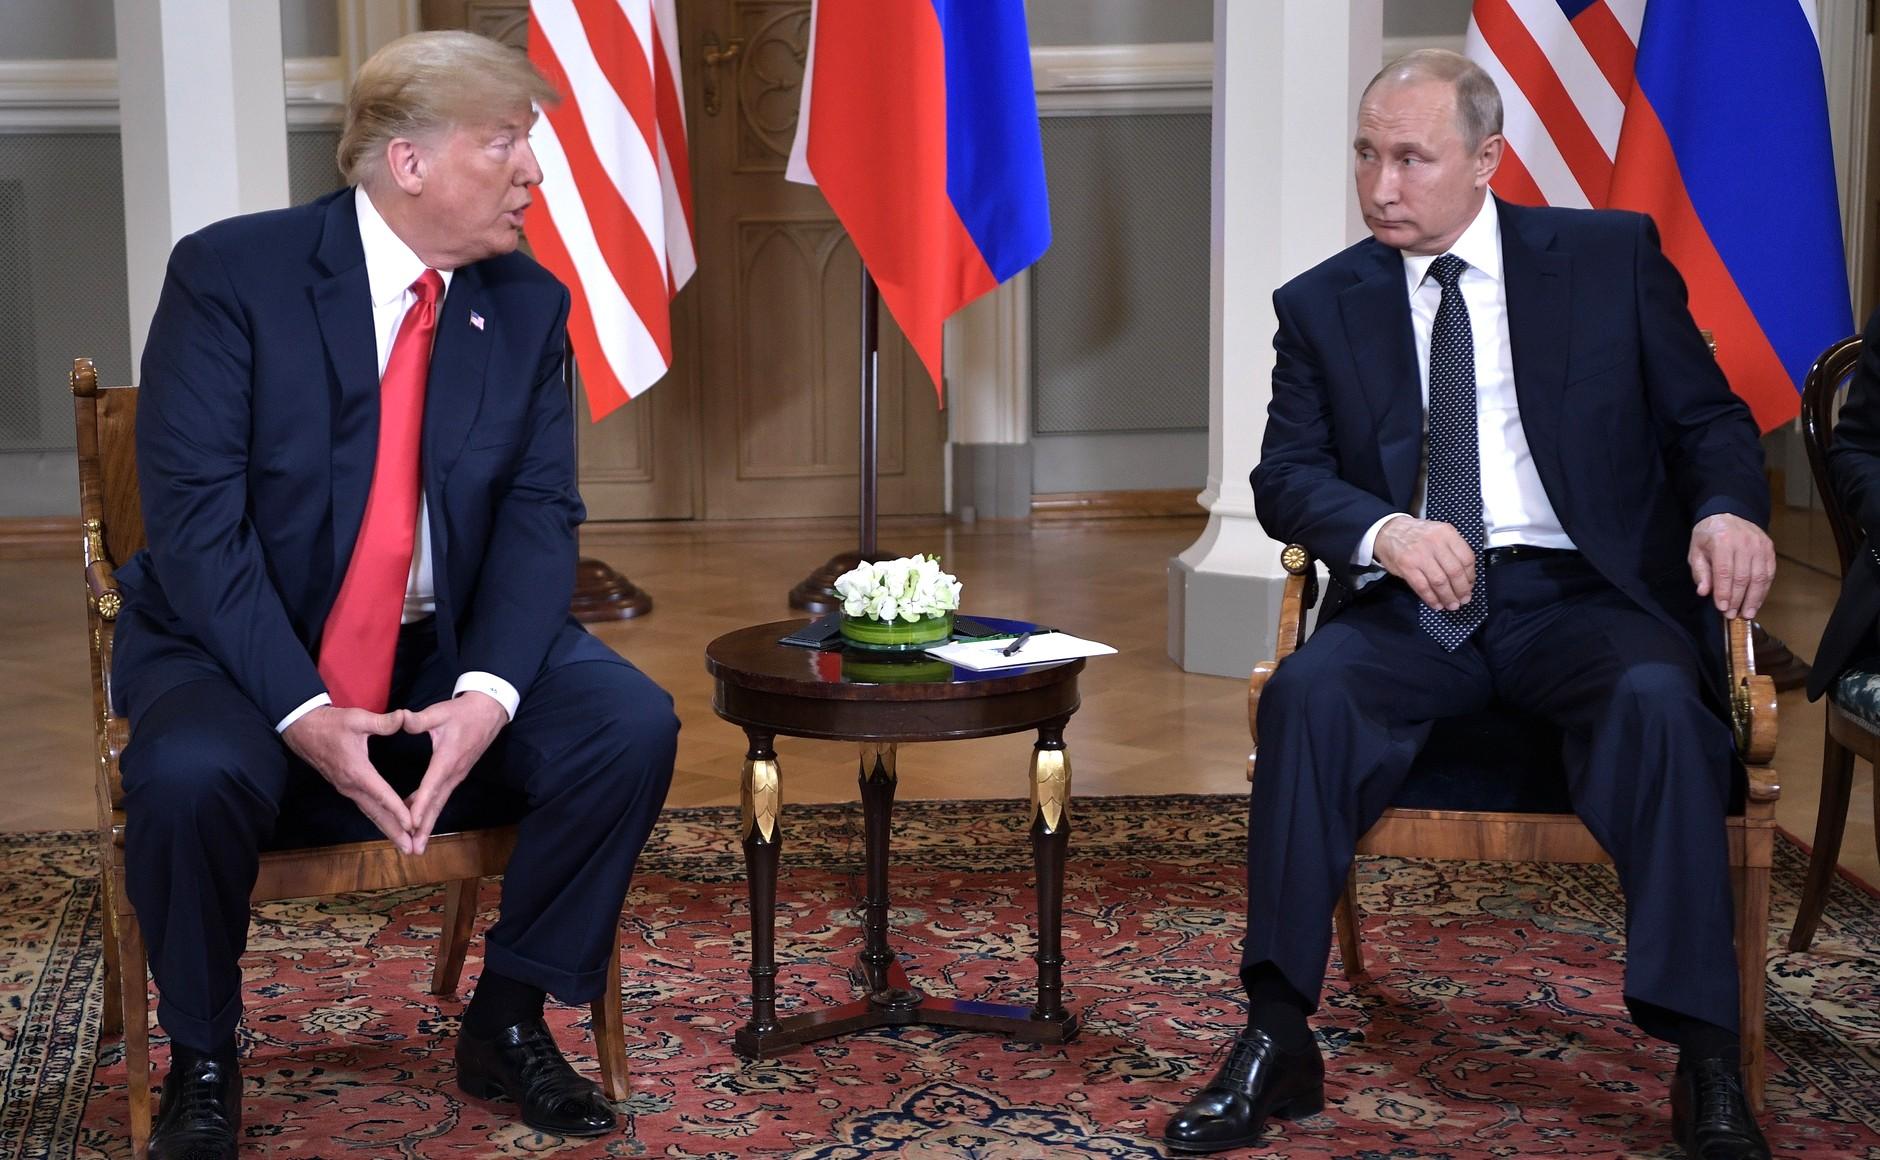 Bild: kremlin.ru